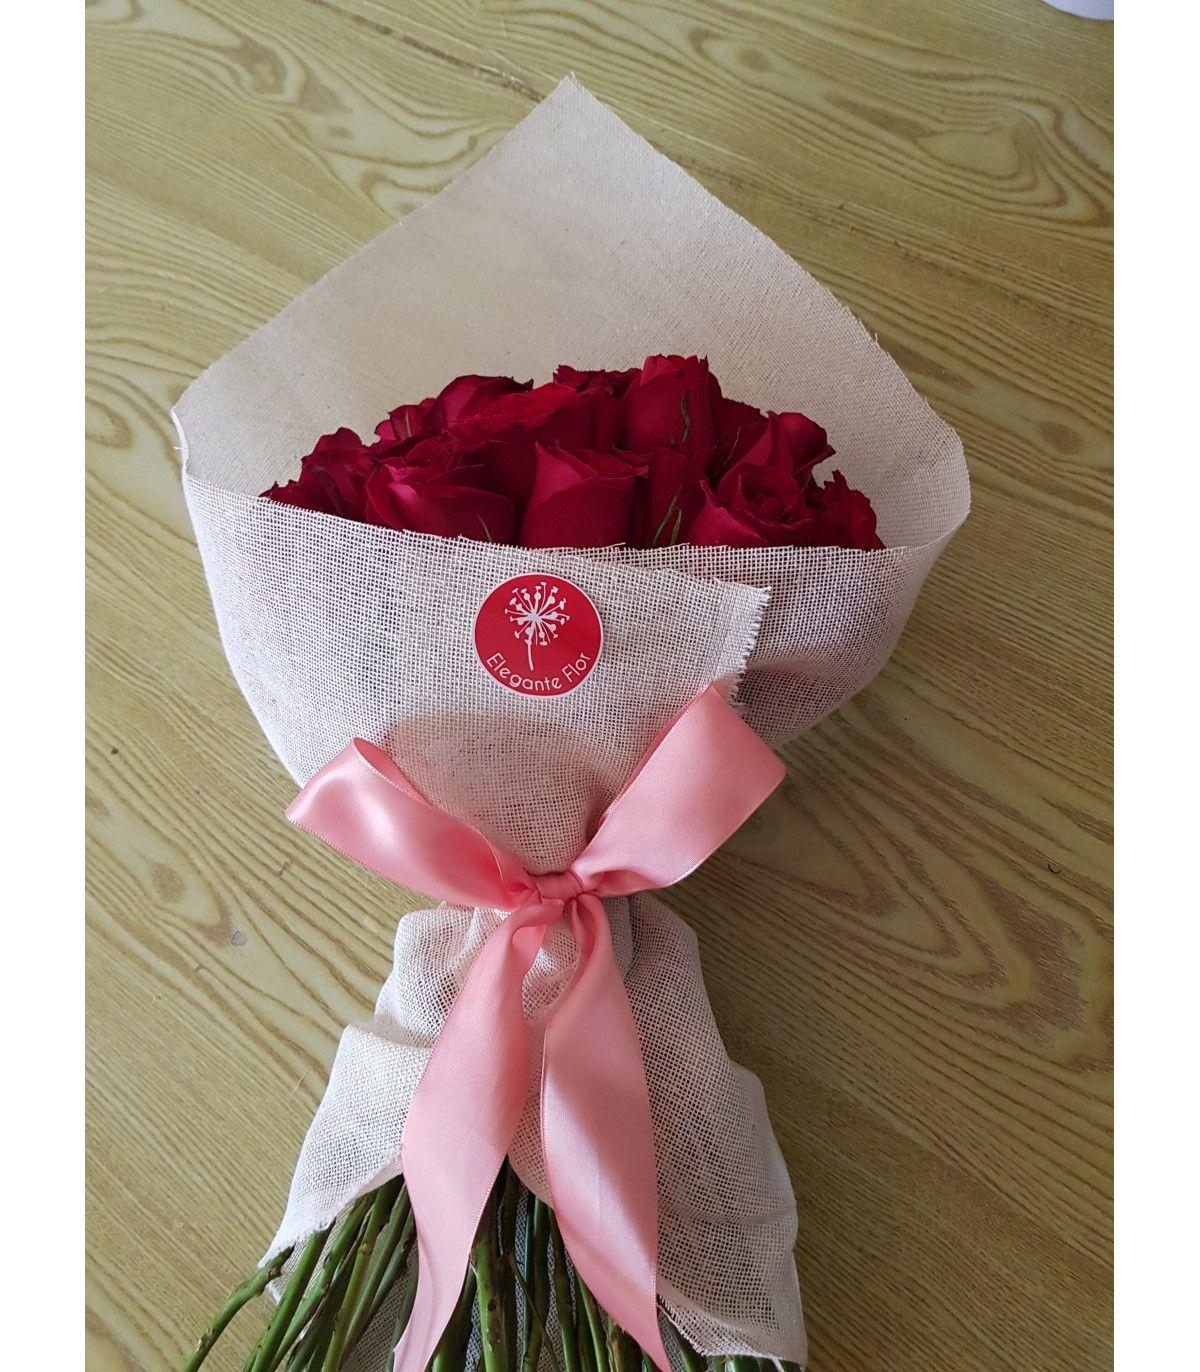 Ramo Con 24 Rosas En Tela De Yute Rosas De Tela Arreglos De Rosas Arreglos Florales En Cajas